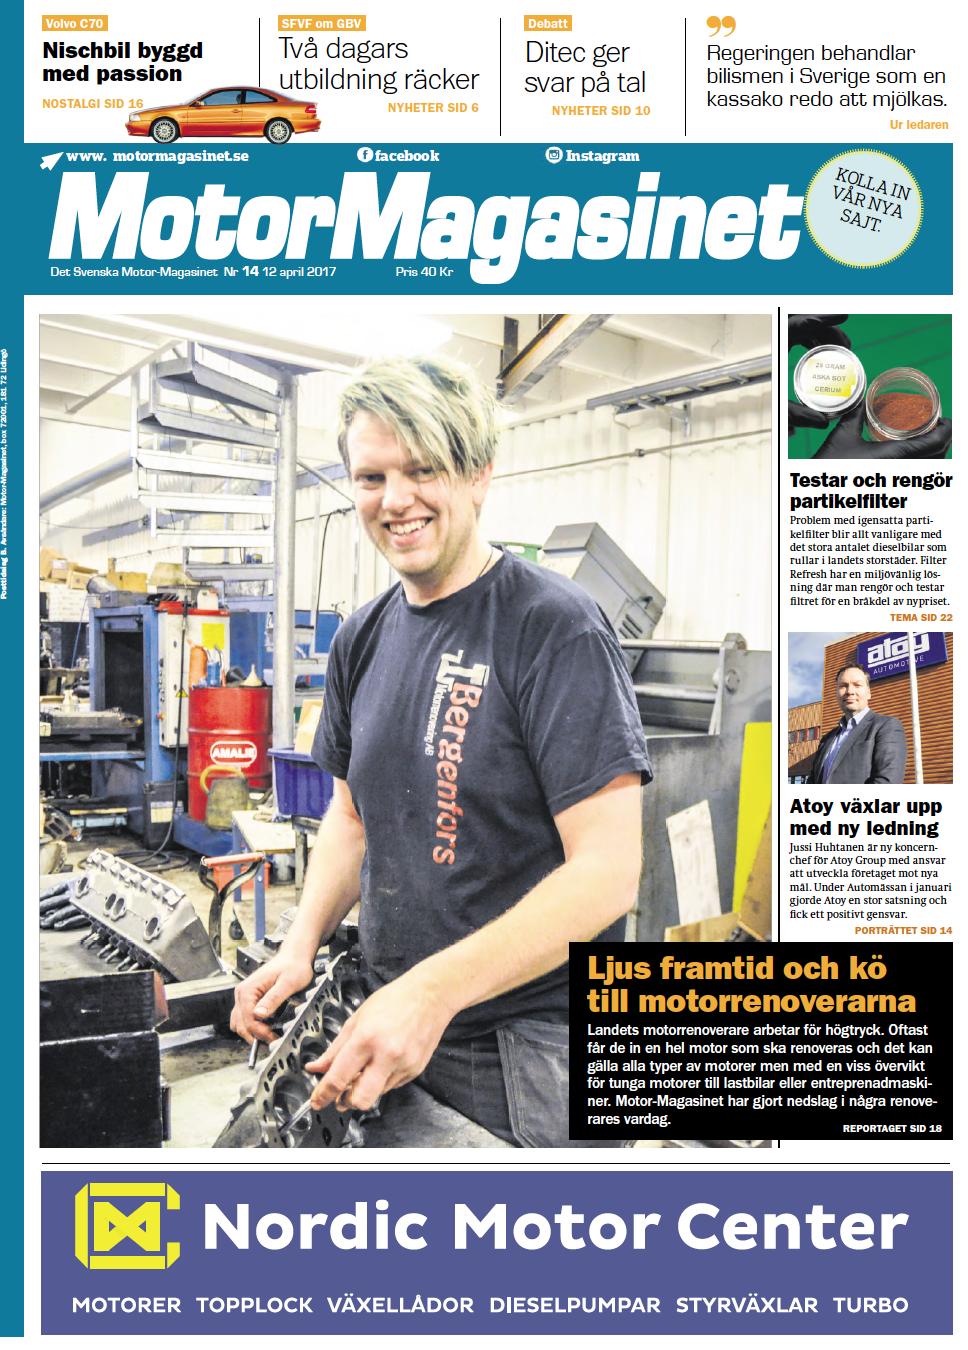 Motor-Magasinet # 14 2017